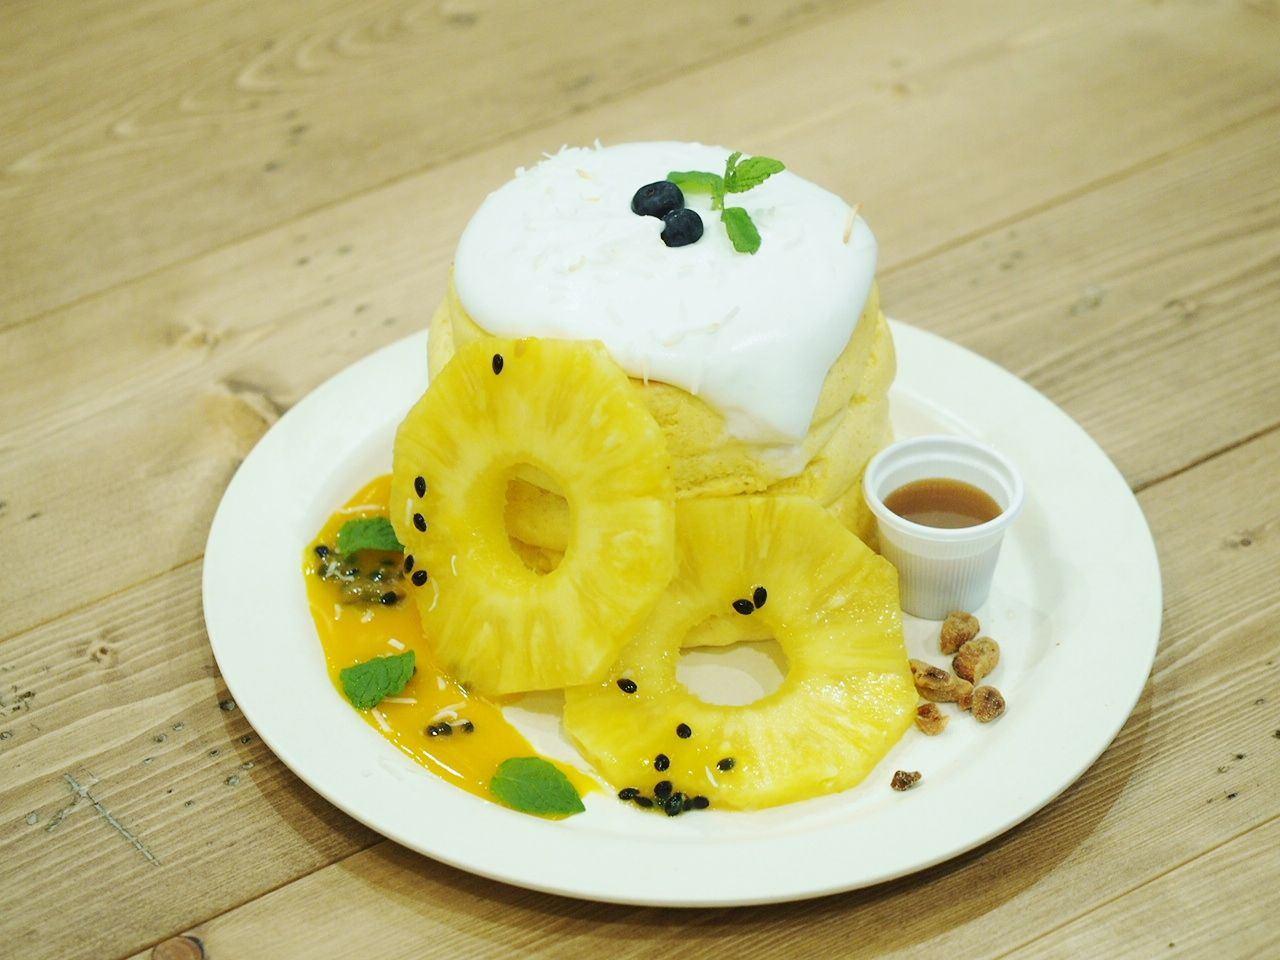 卡士達與熱帶水果鬆餅(3片)1480日圓 (不含稅)